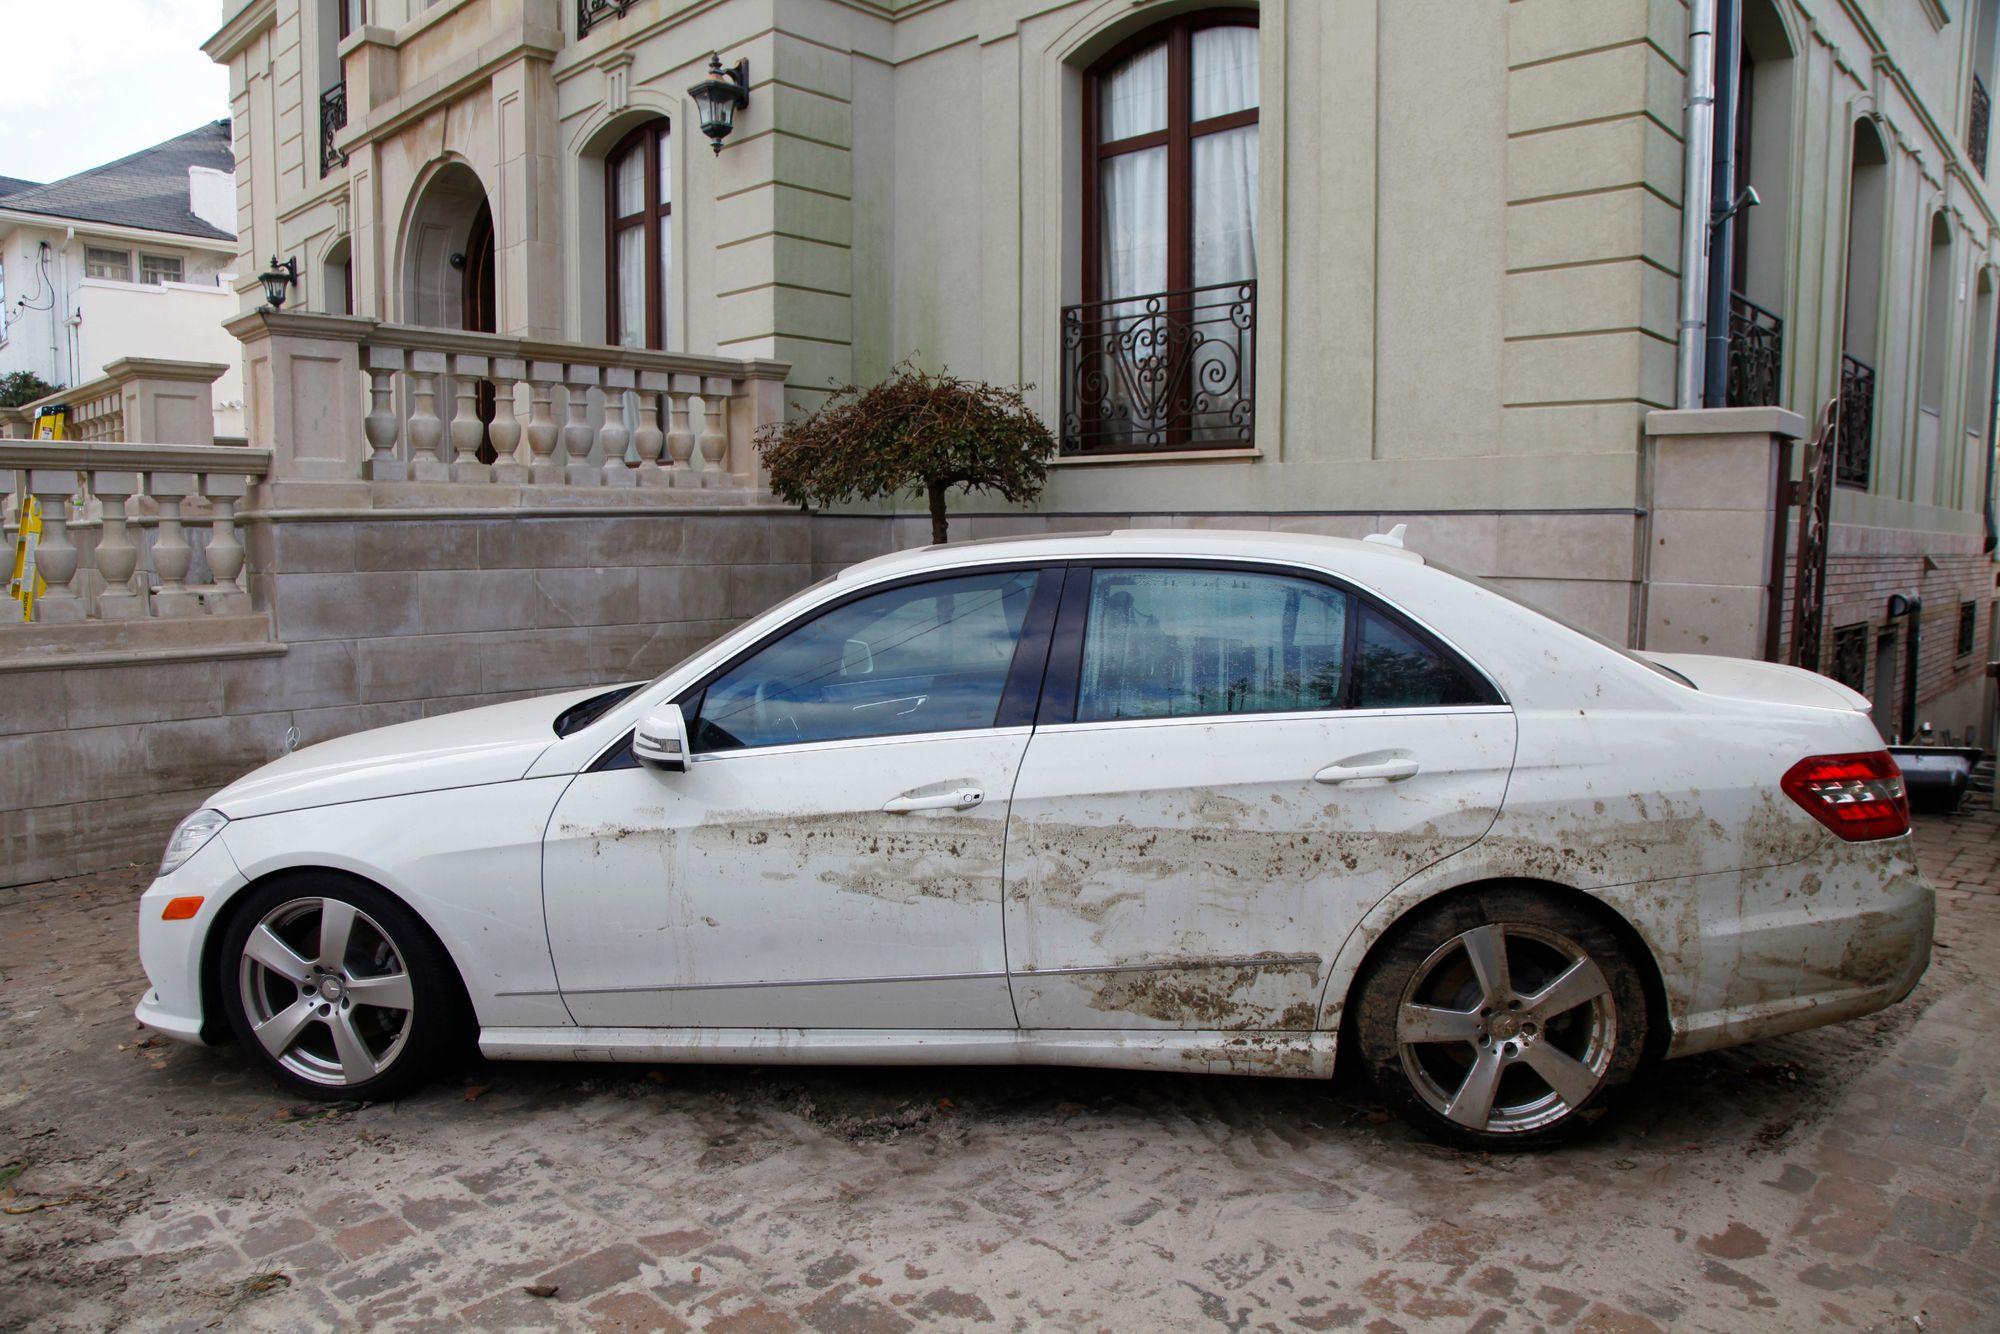 Previene ser estafado al querer comprar un carro que estuvo inundado